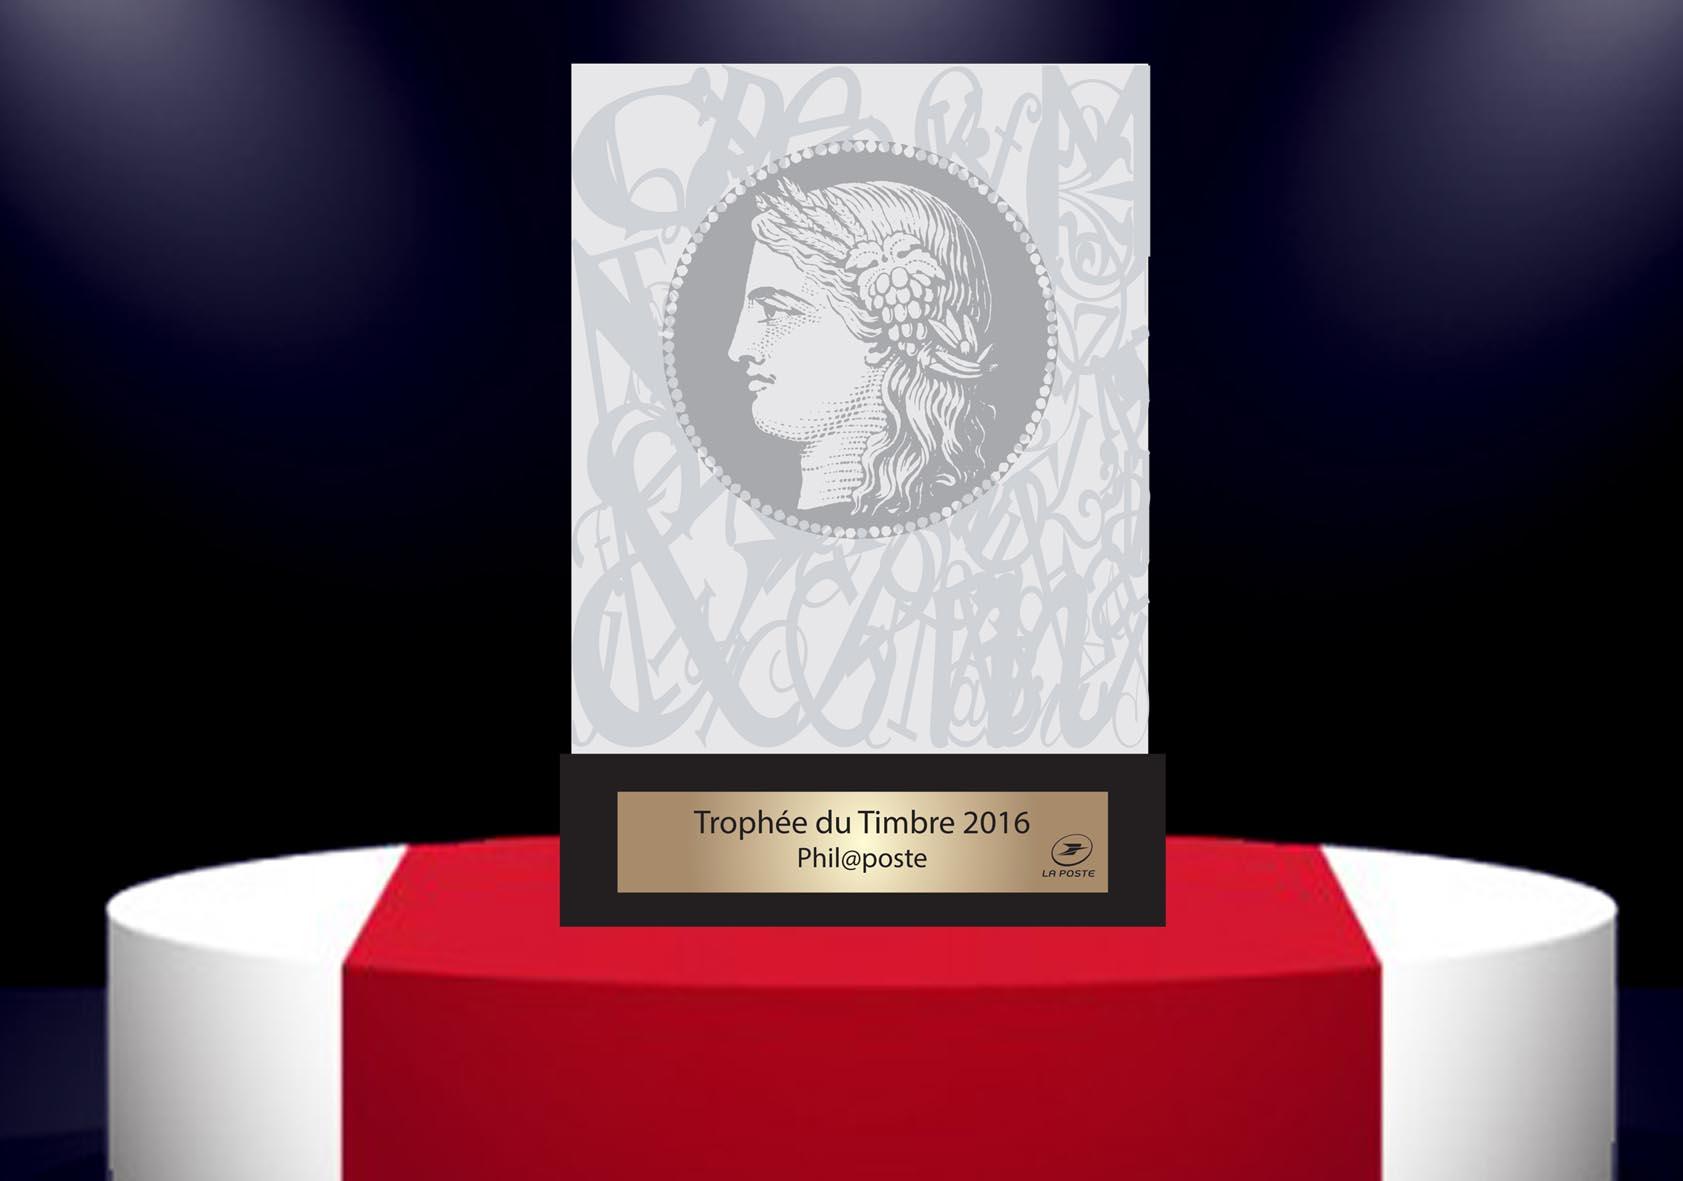 Découvrez le palmarès des Trophées du Timbre 2016